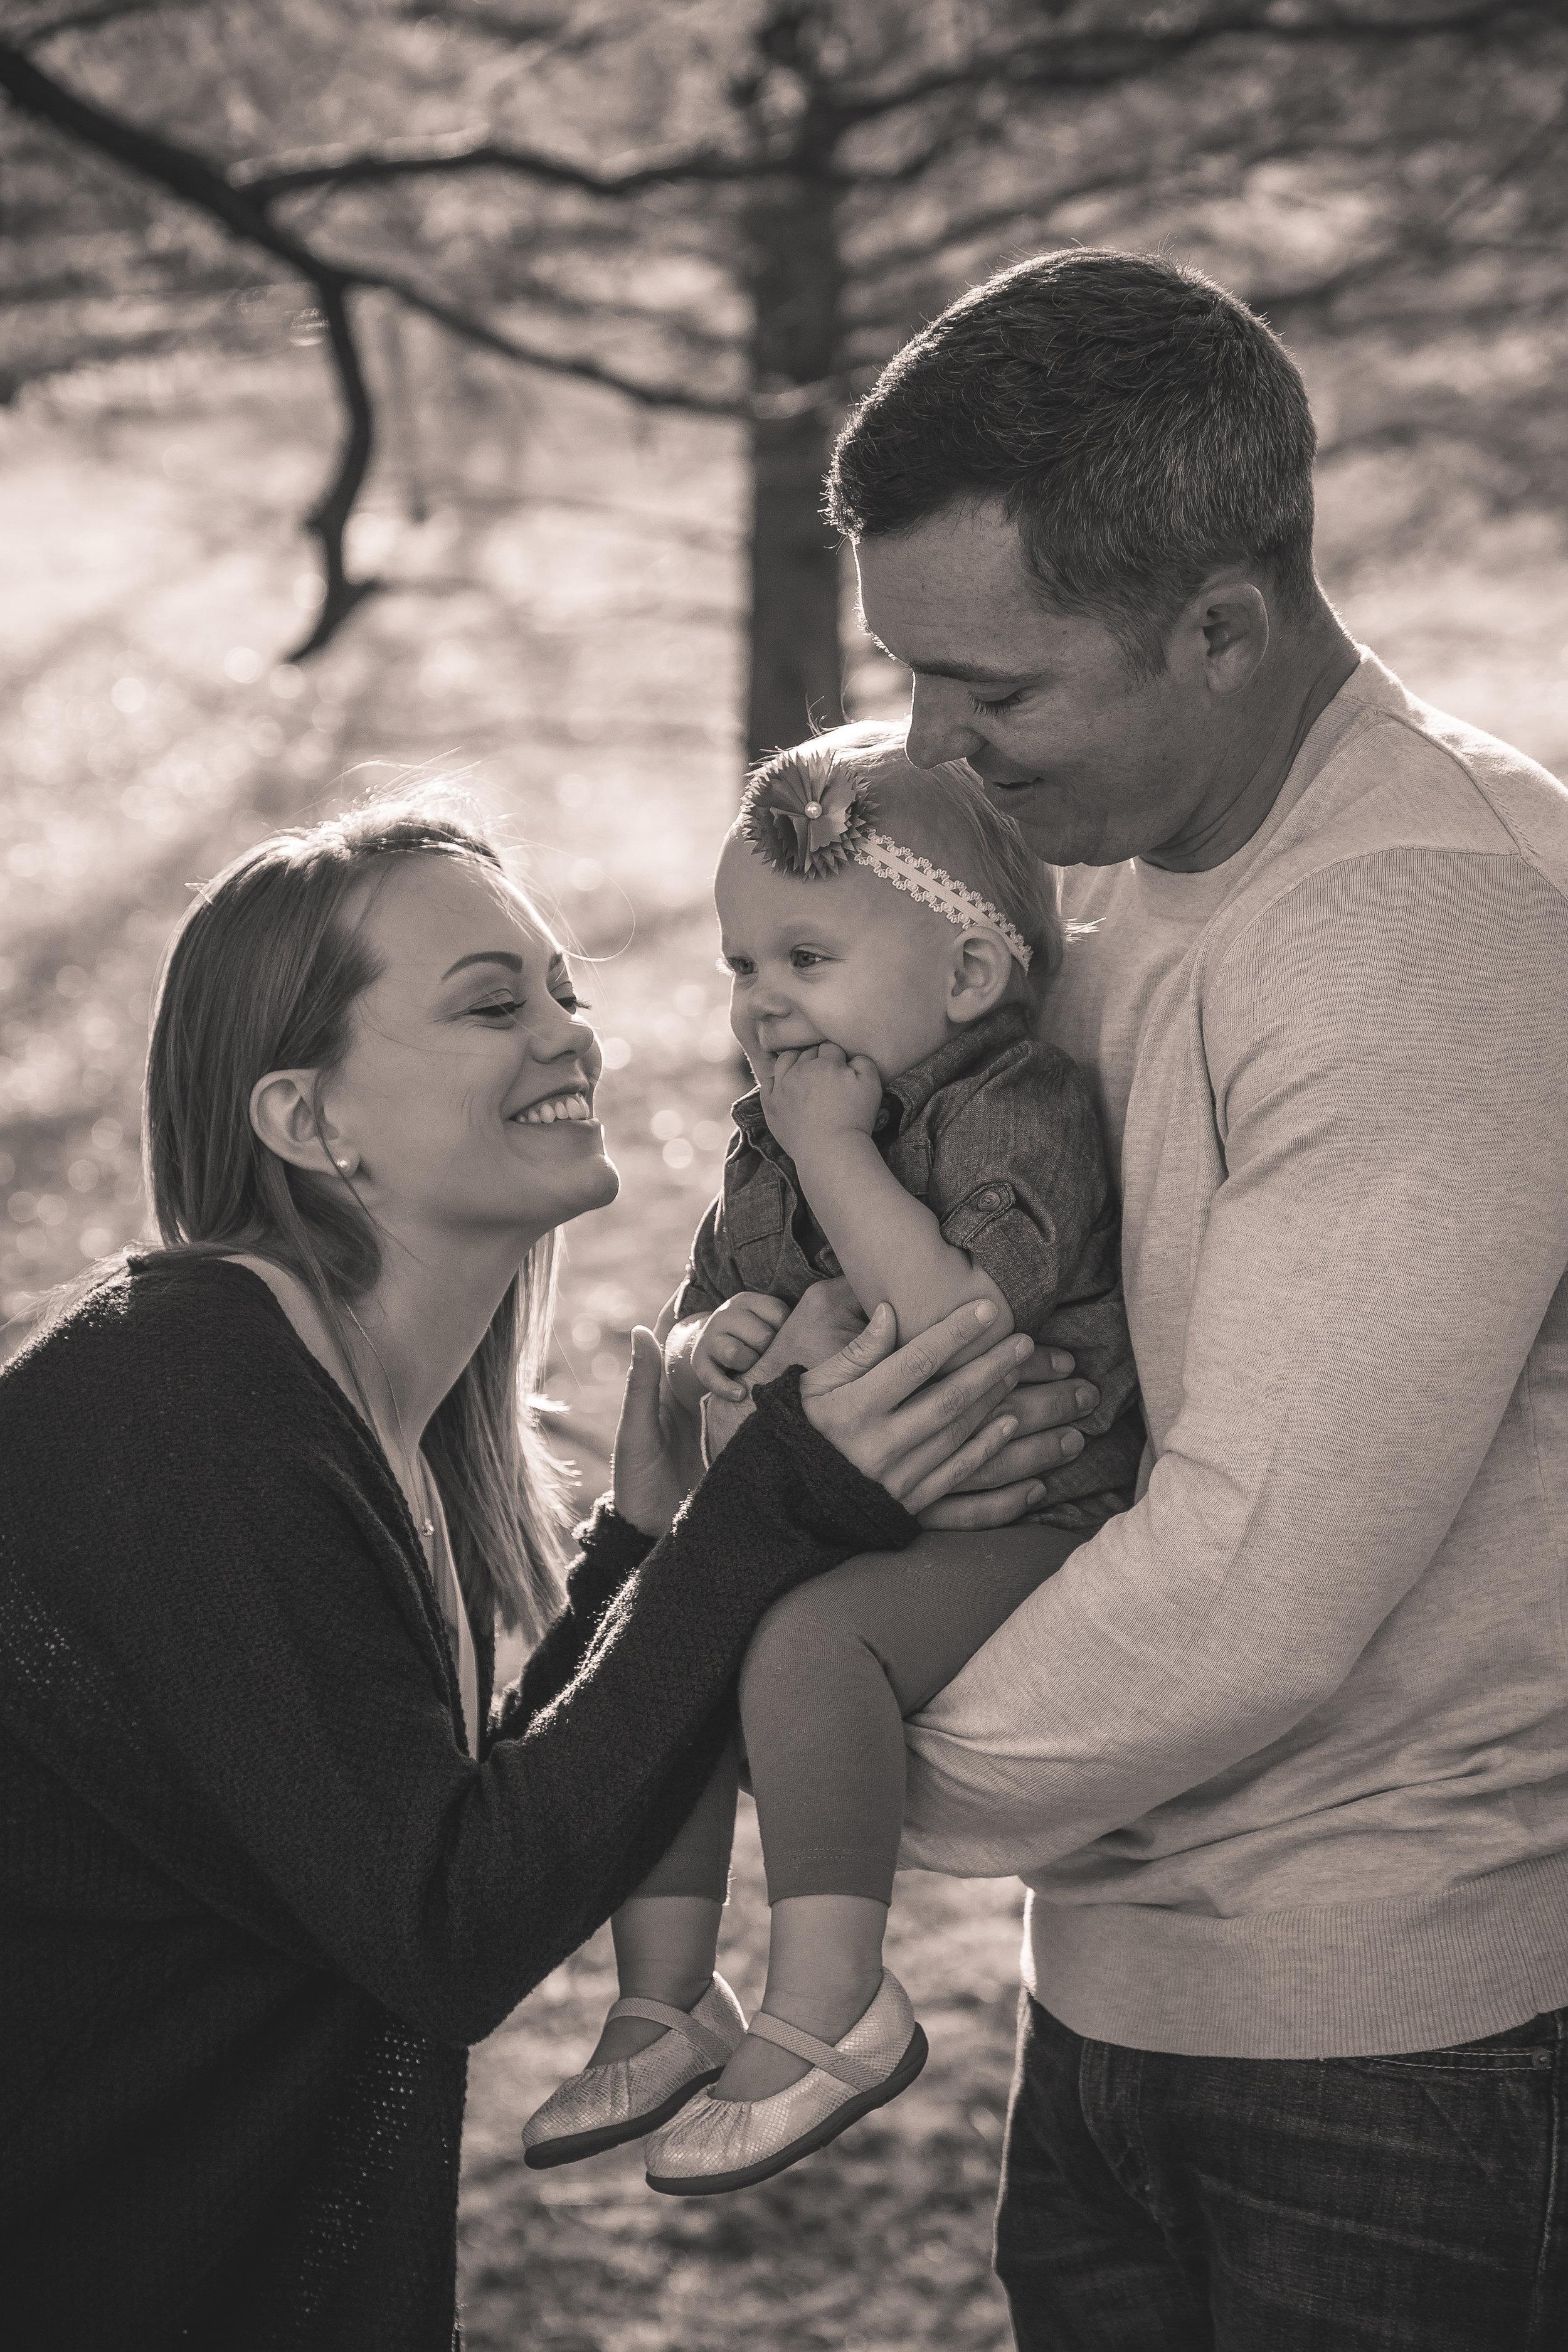 Bennett-Burrell Family Photos 2018 (32 of 39).jpg